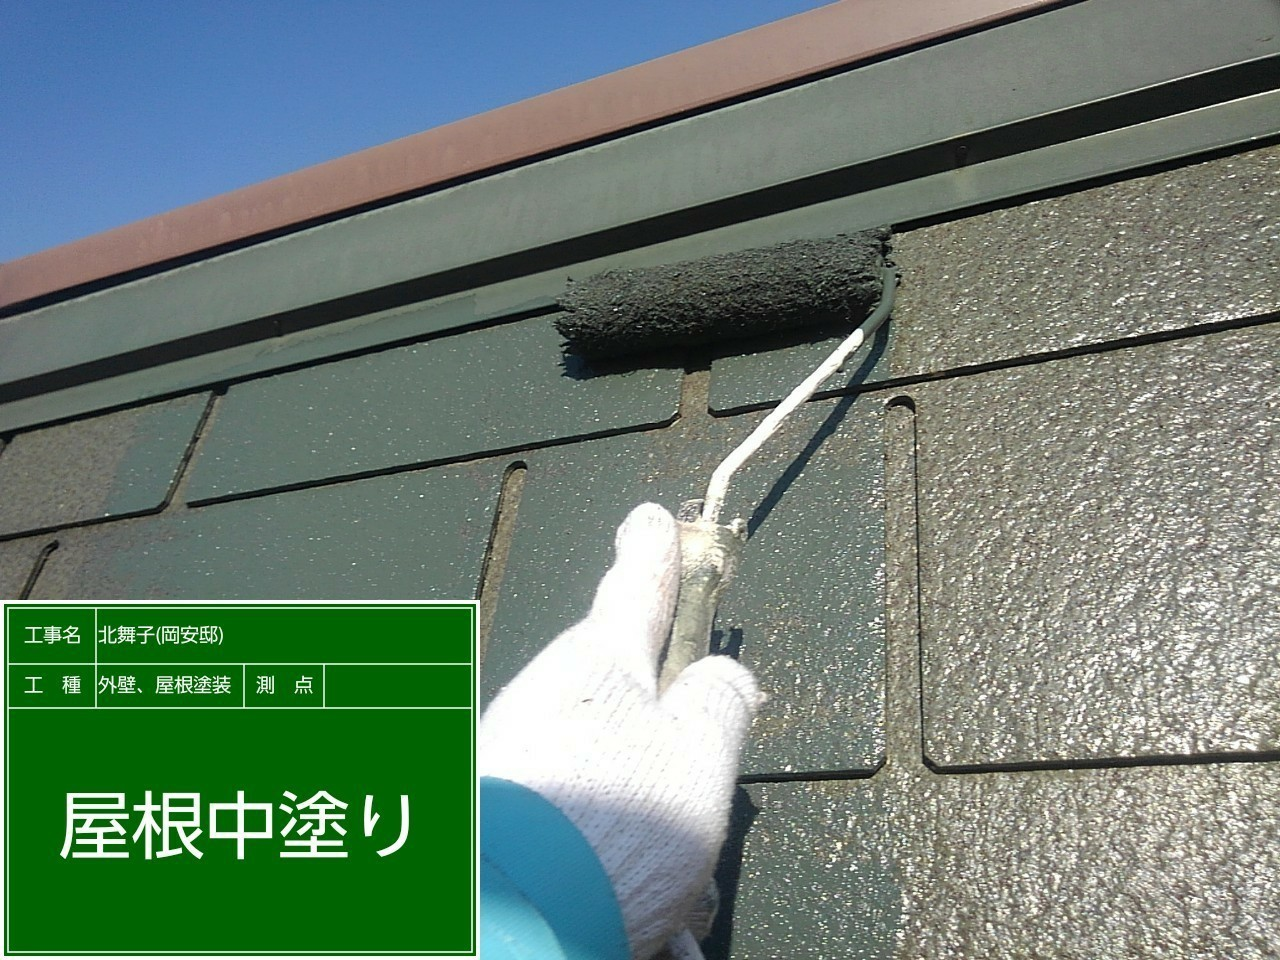 神戸市垂水区での外壁塗装工事でスレート部分を中塗りしている様子